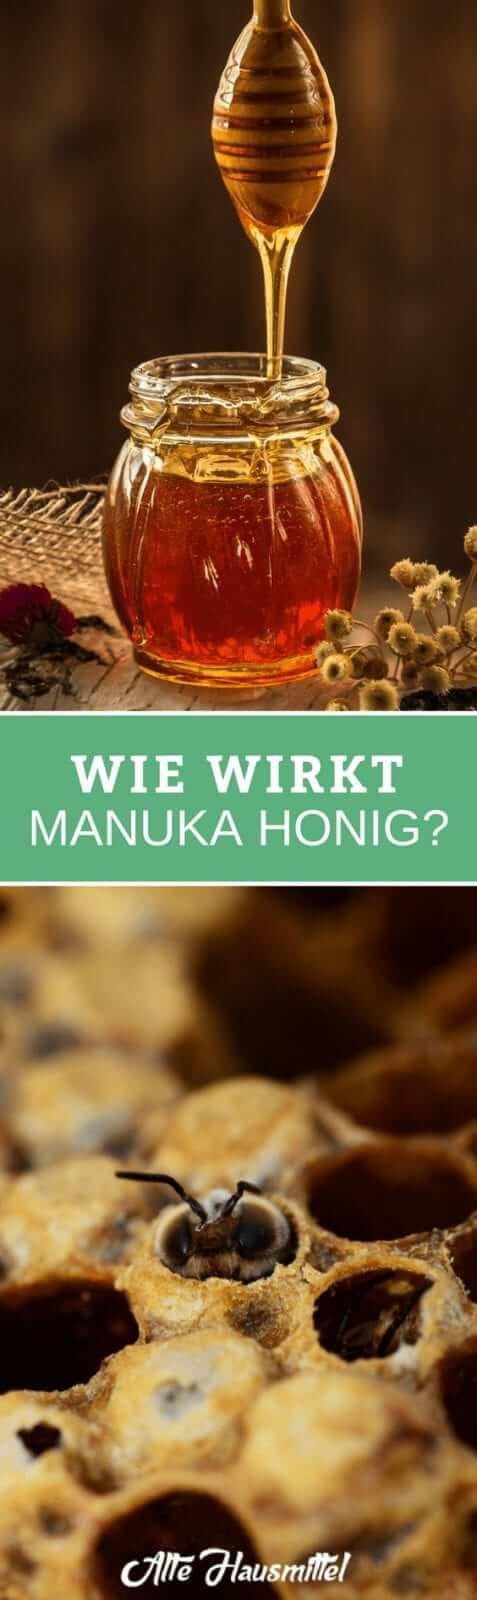 Wie wirkt Manuka Honig?